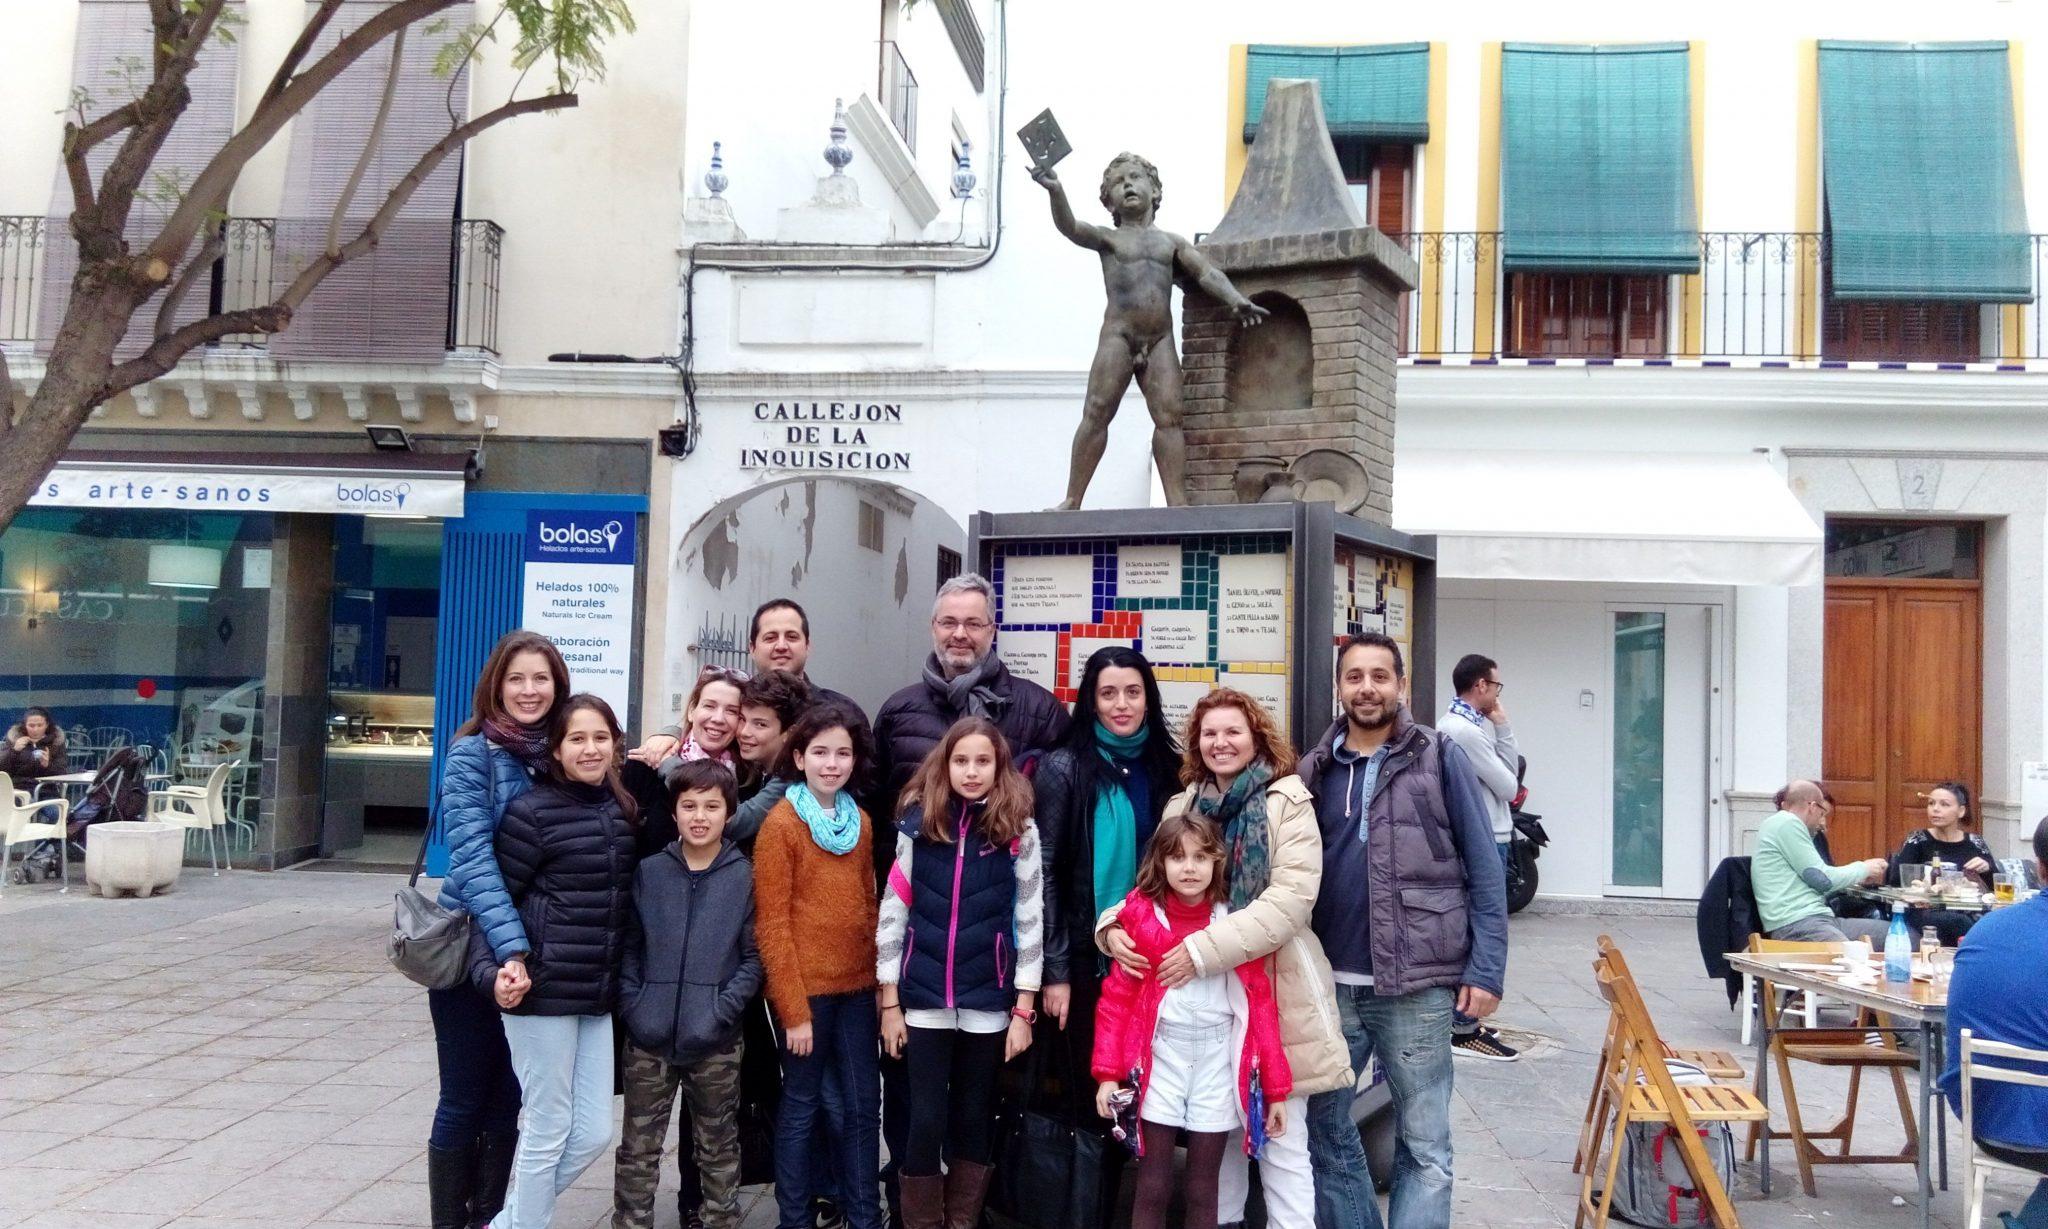 Sevilla Mágica y Eterna. Quiénes somos. Fotografía grupo. Experiencia Cultural.Triana Pura Magia y Leyenda. Sevilla Mágica y Eterna.